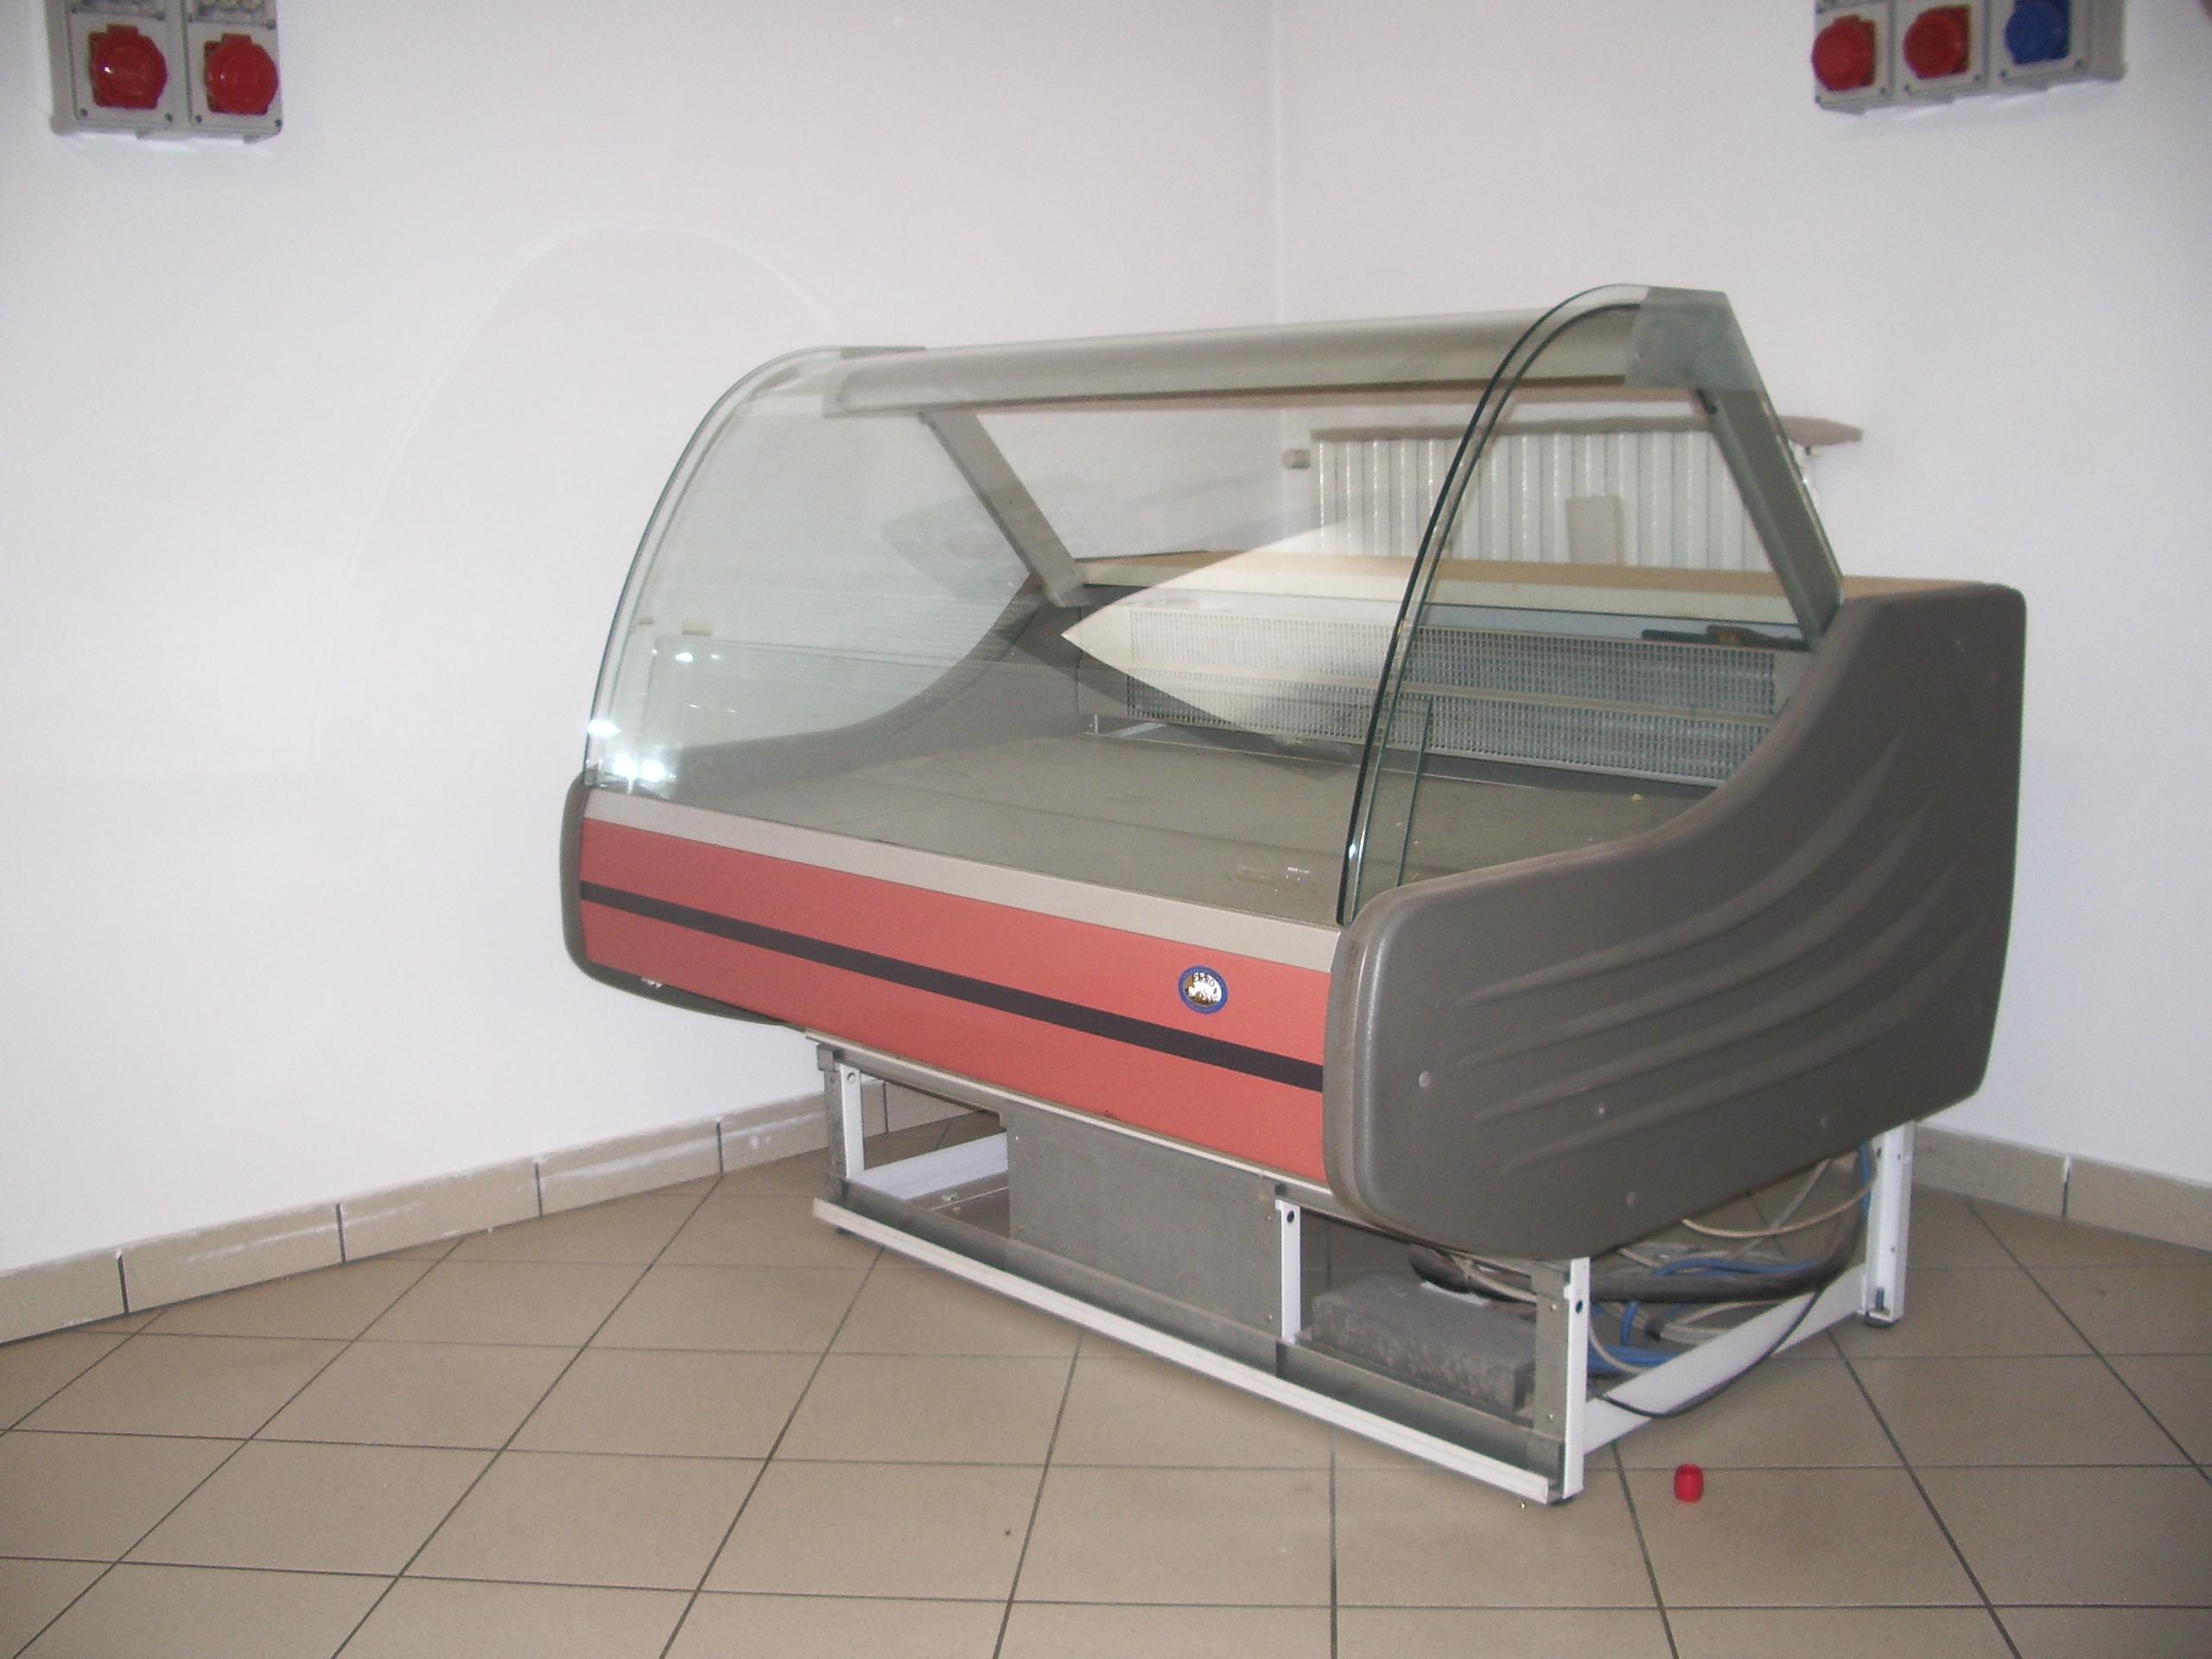 Offerta usato banco frigo 4 con cella sottostante for Banco frigo bar usato